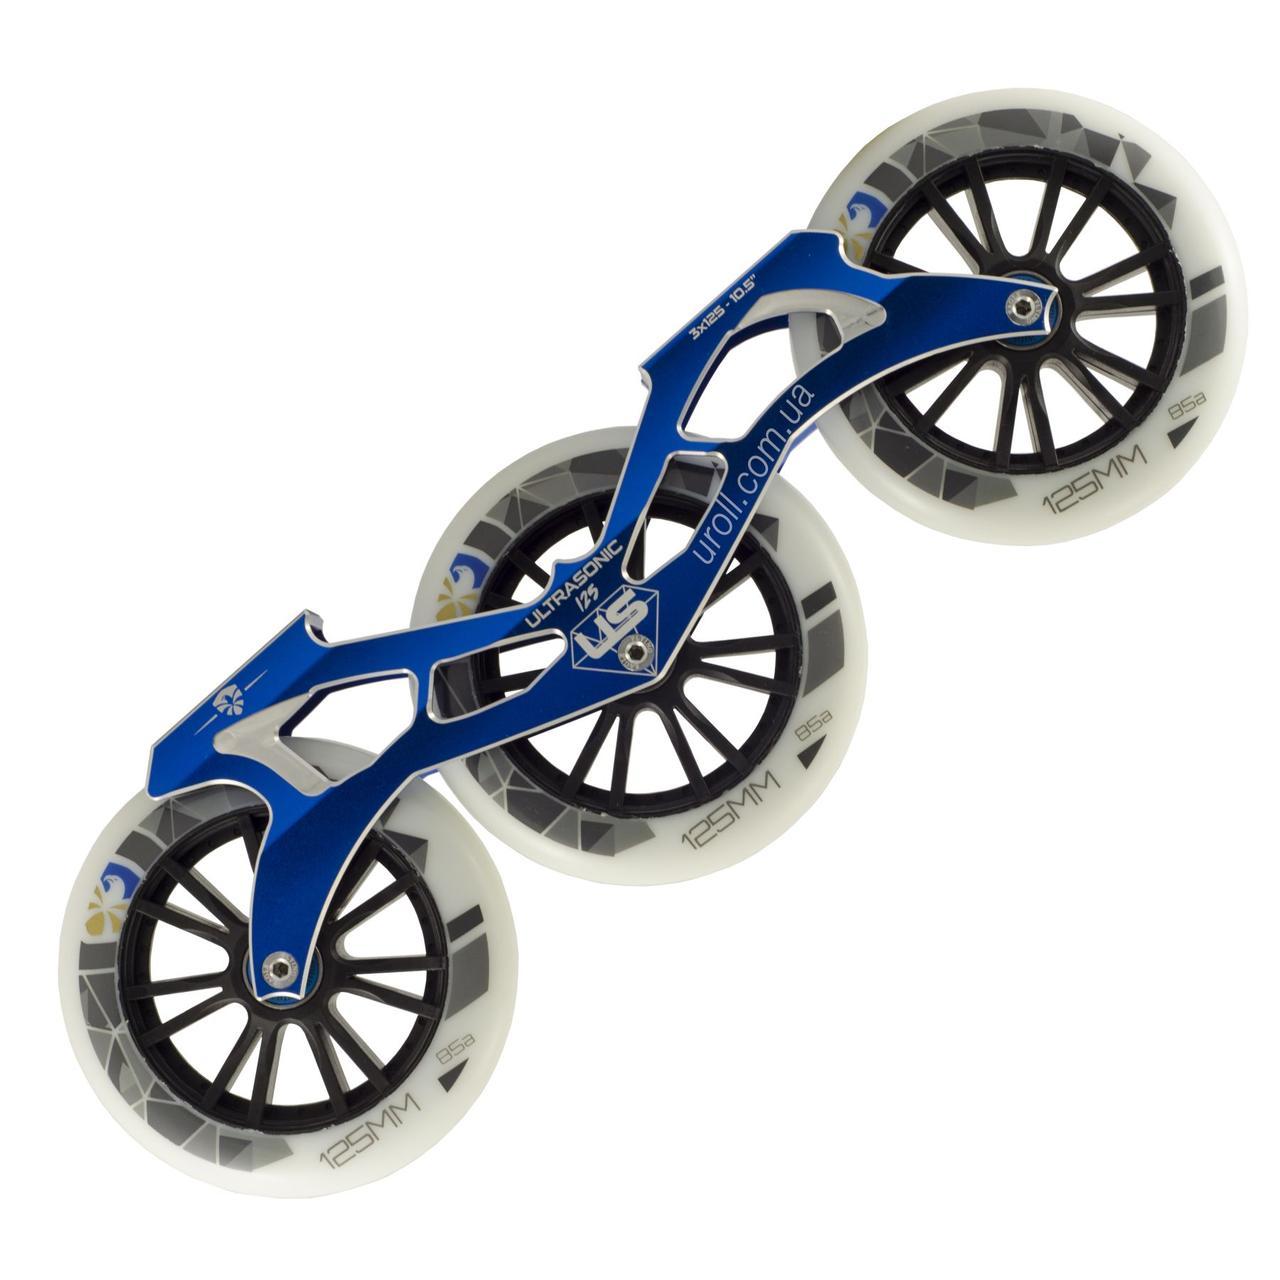 Сет Flying Eagle Ultrasonic Blue + Speed Wheels 85A 125 mm